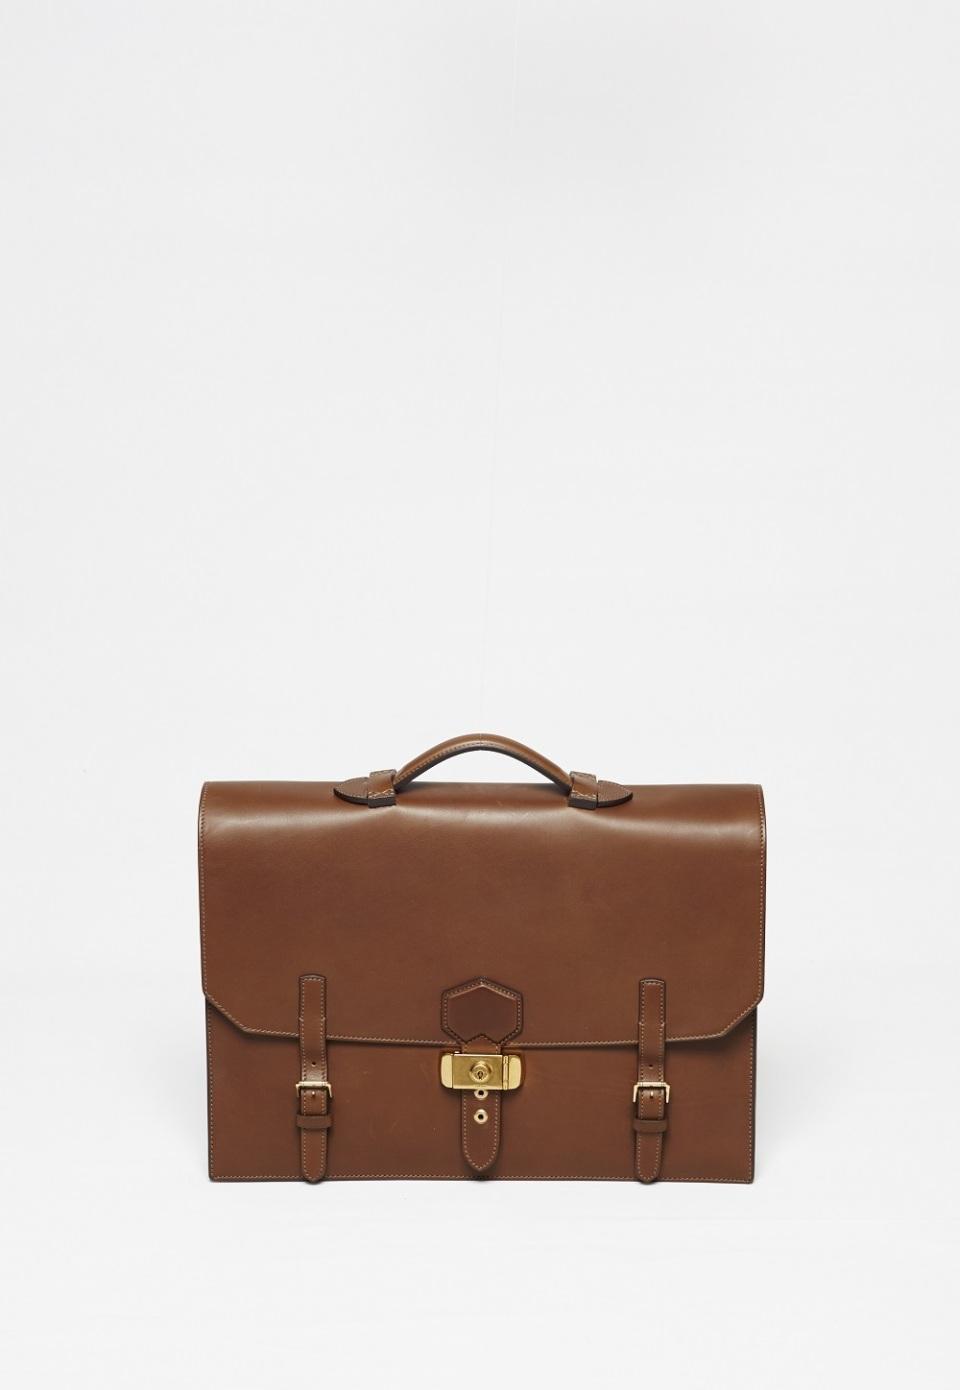 ダンヒルのビジネスバッグは、絶対の安心と信頼で男を次のステージへと導く 1番目の画像